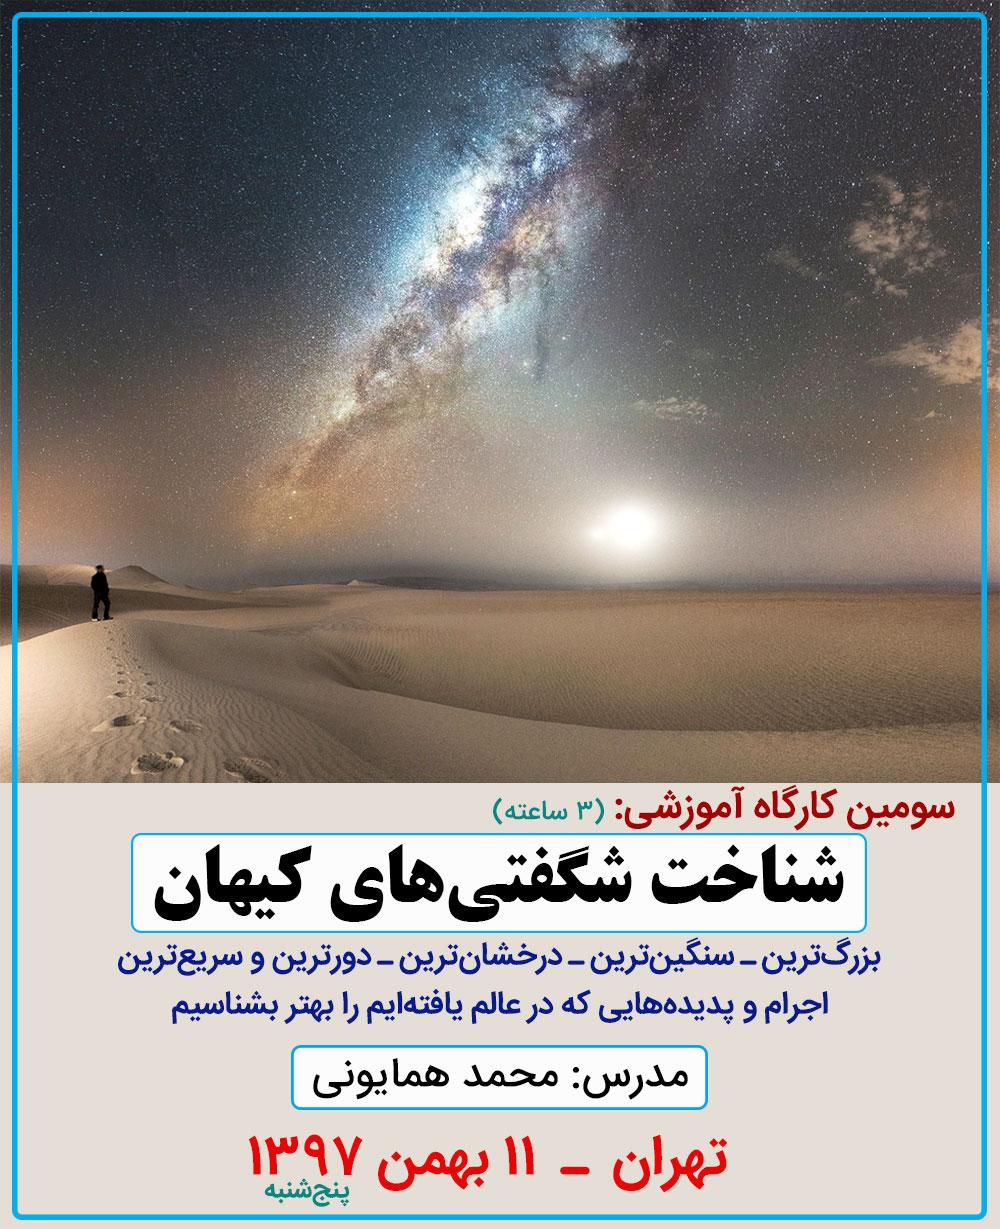 کارگاه آموزشی نجوم شگفتیهای کیهان